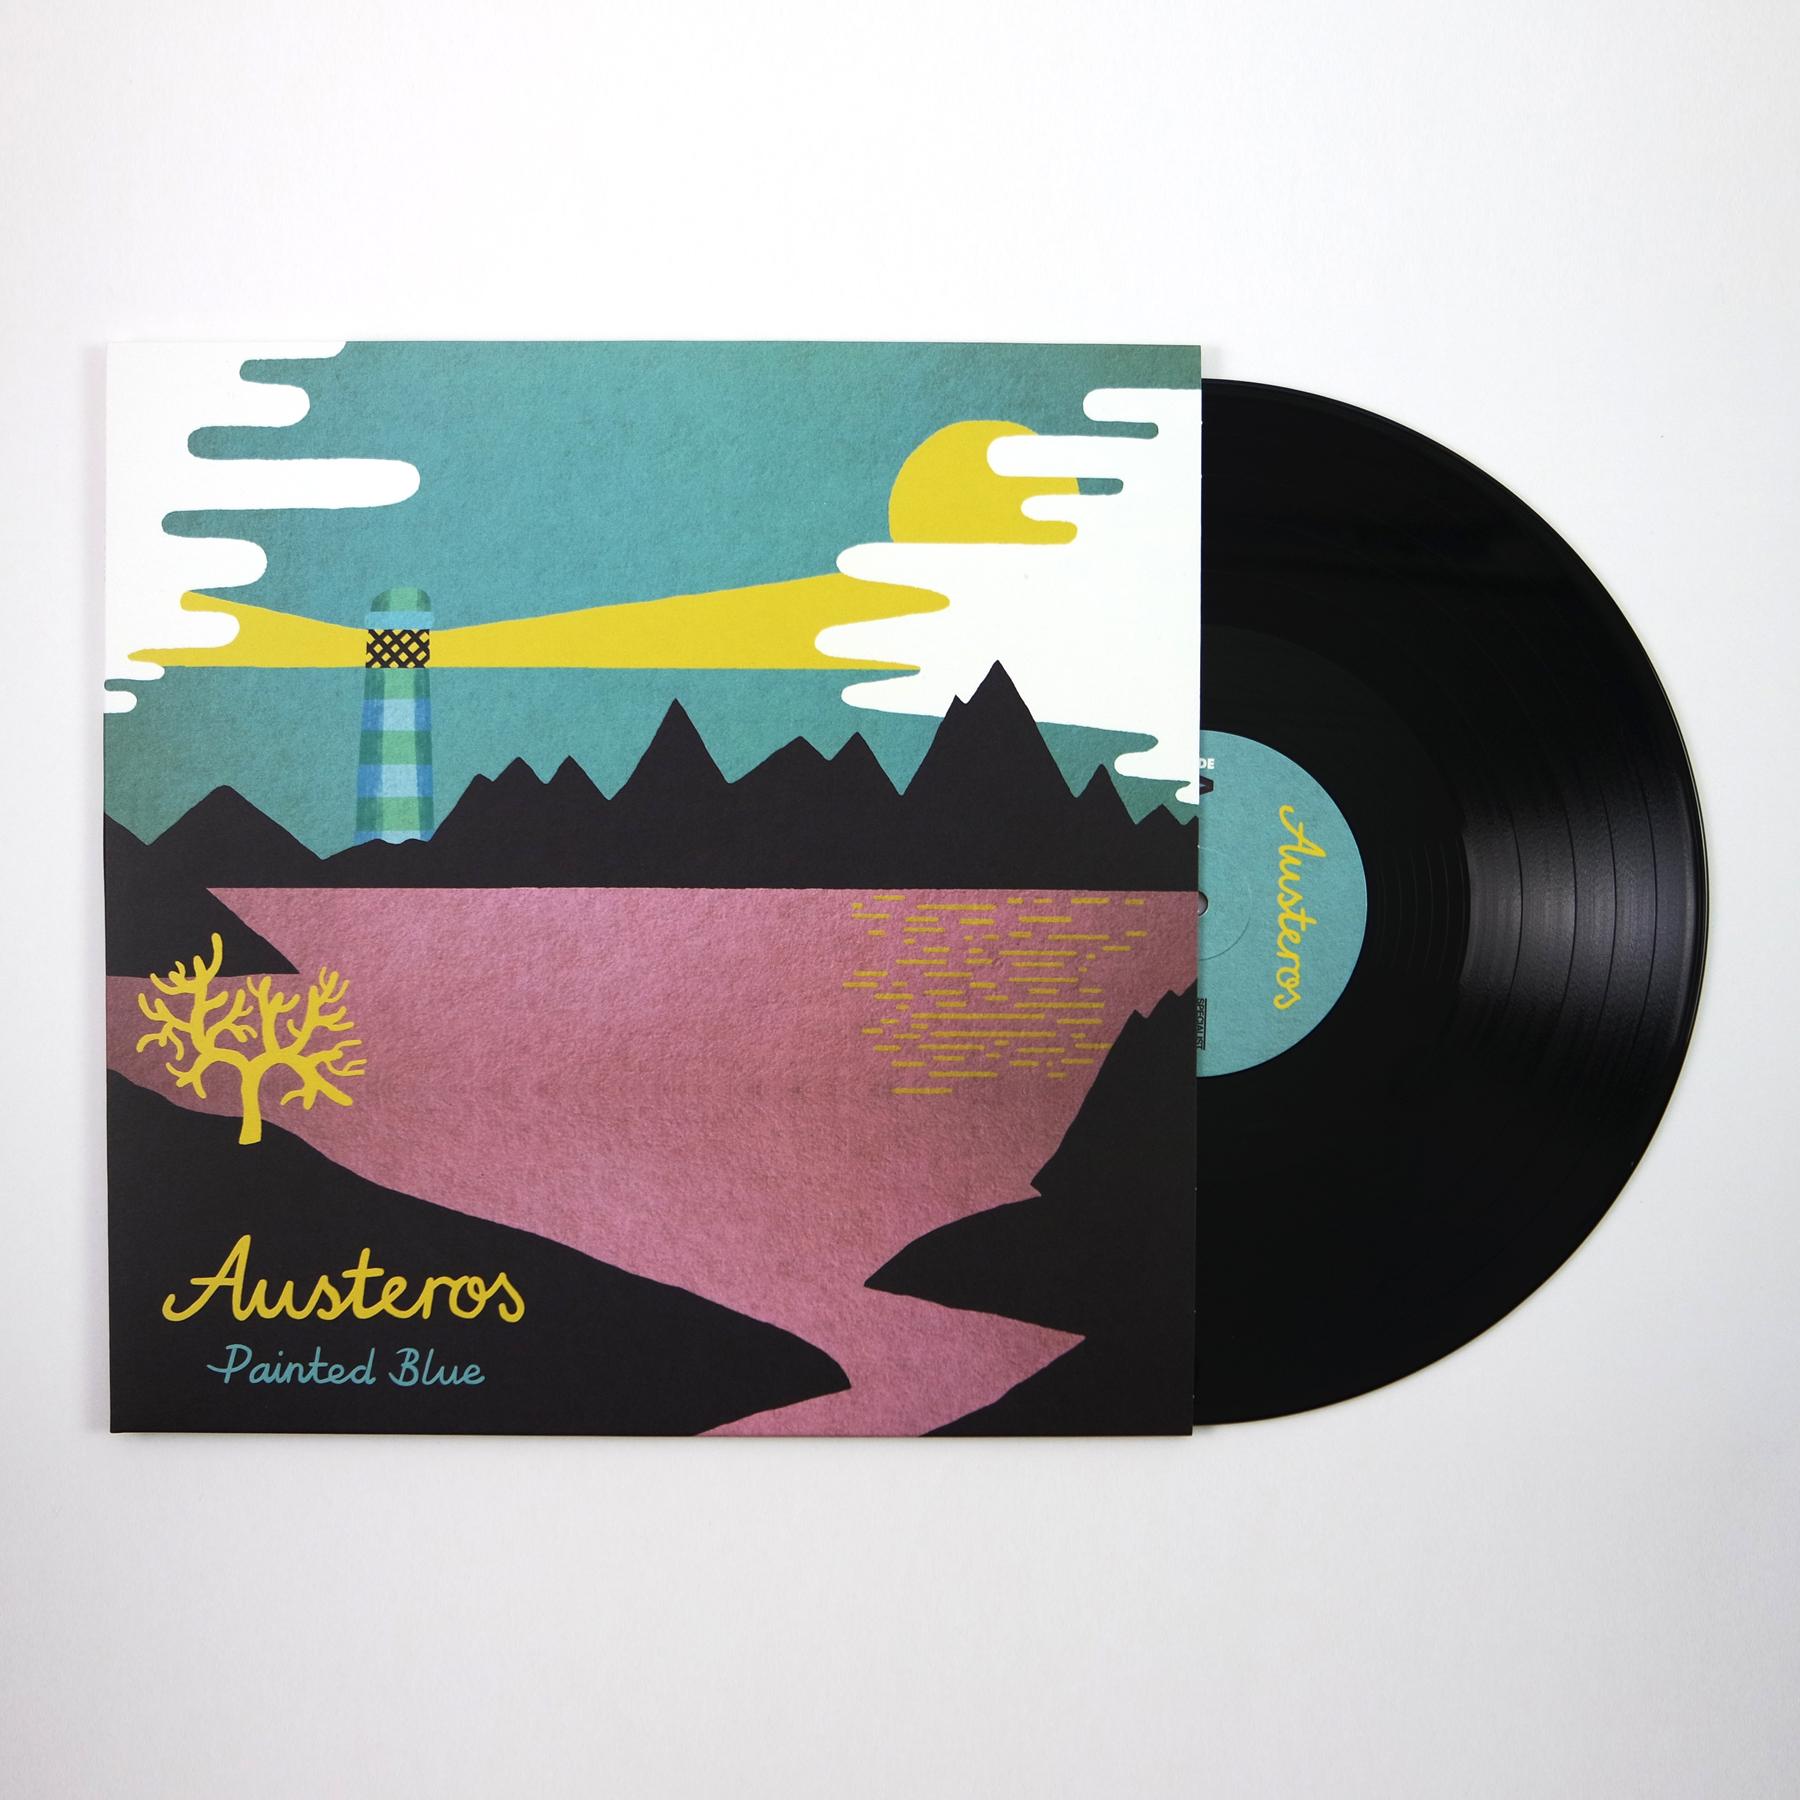 Austeros - Painted Blue LP / CD